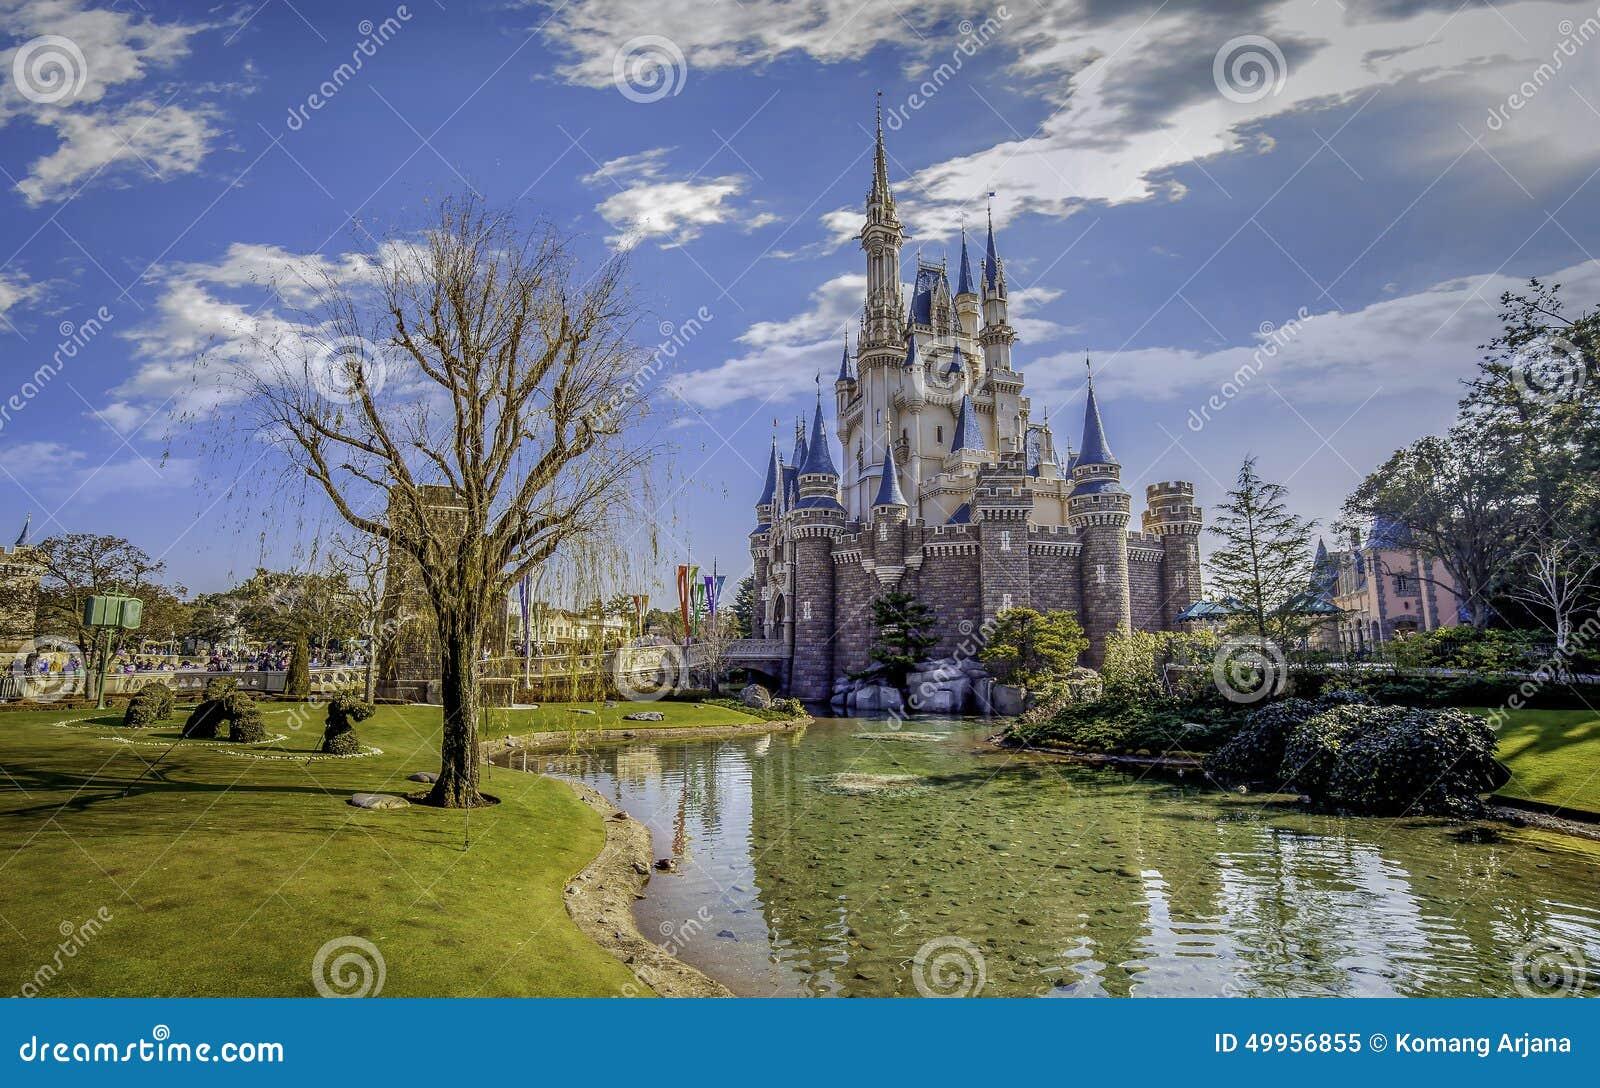 Tokio Disneylandya